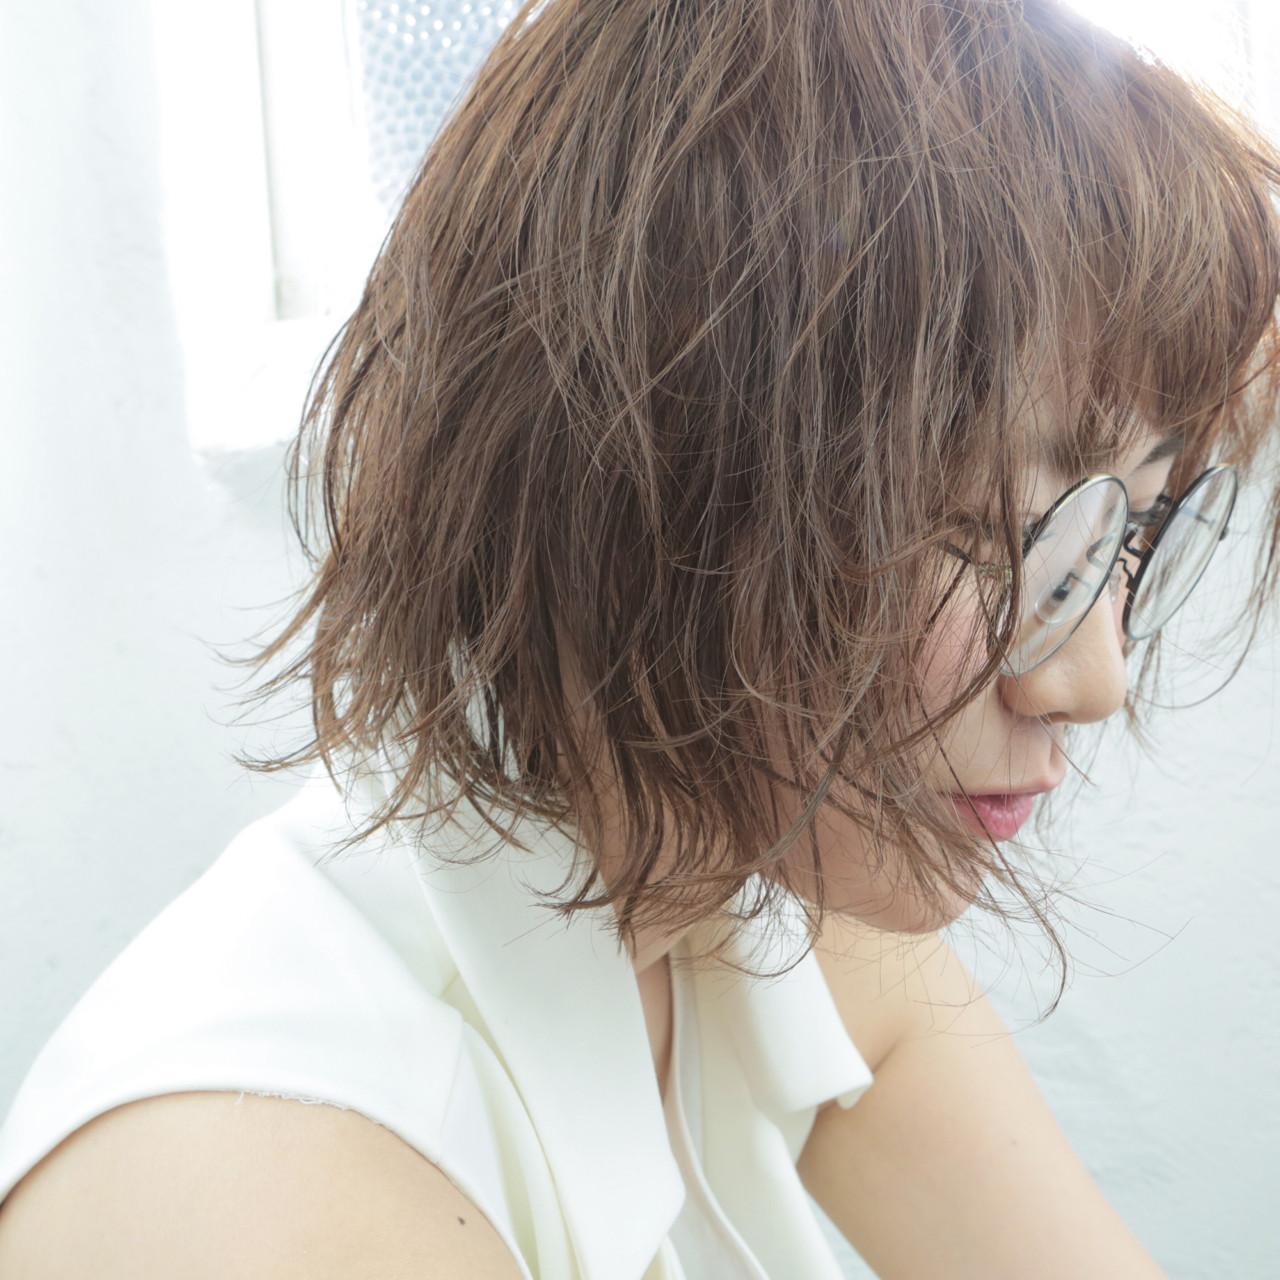 パーマ 大人かわいい ゆるふわ 前髪あり ヘアスタイルや髪型の写真・画像 | 清水桃子 / ミルクブッシュ / ミルクブッシュ